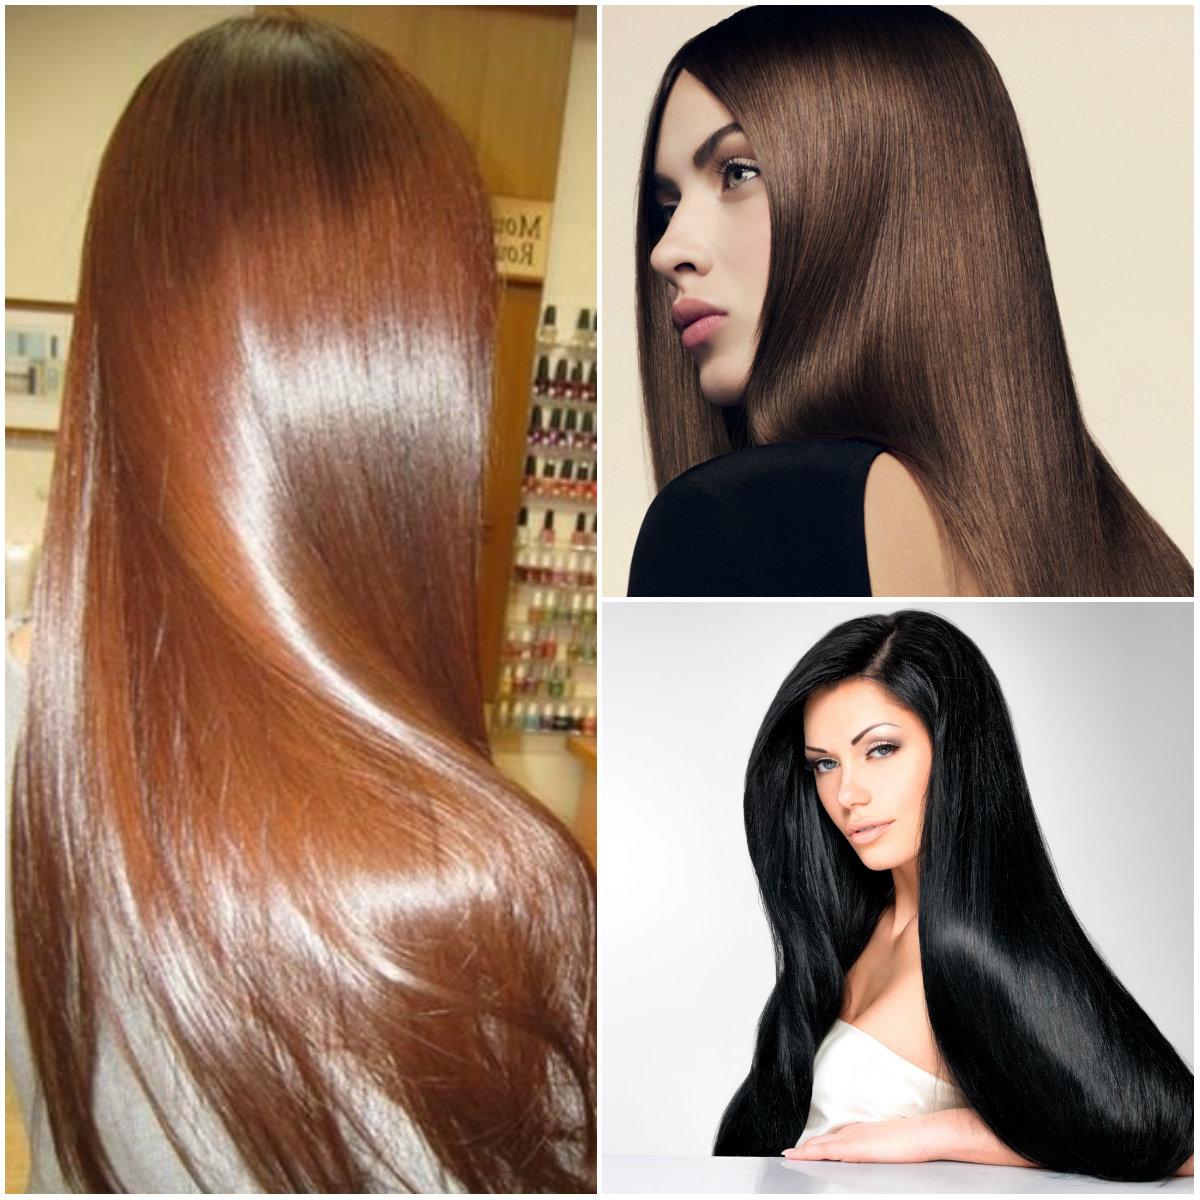 эффект экранирования волос